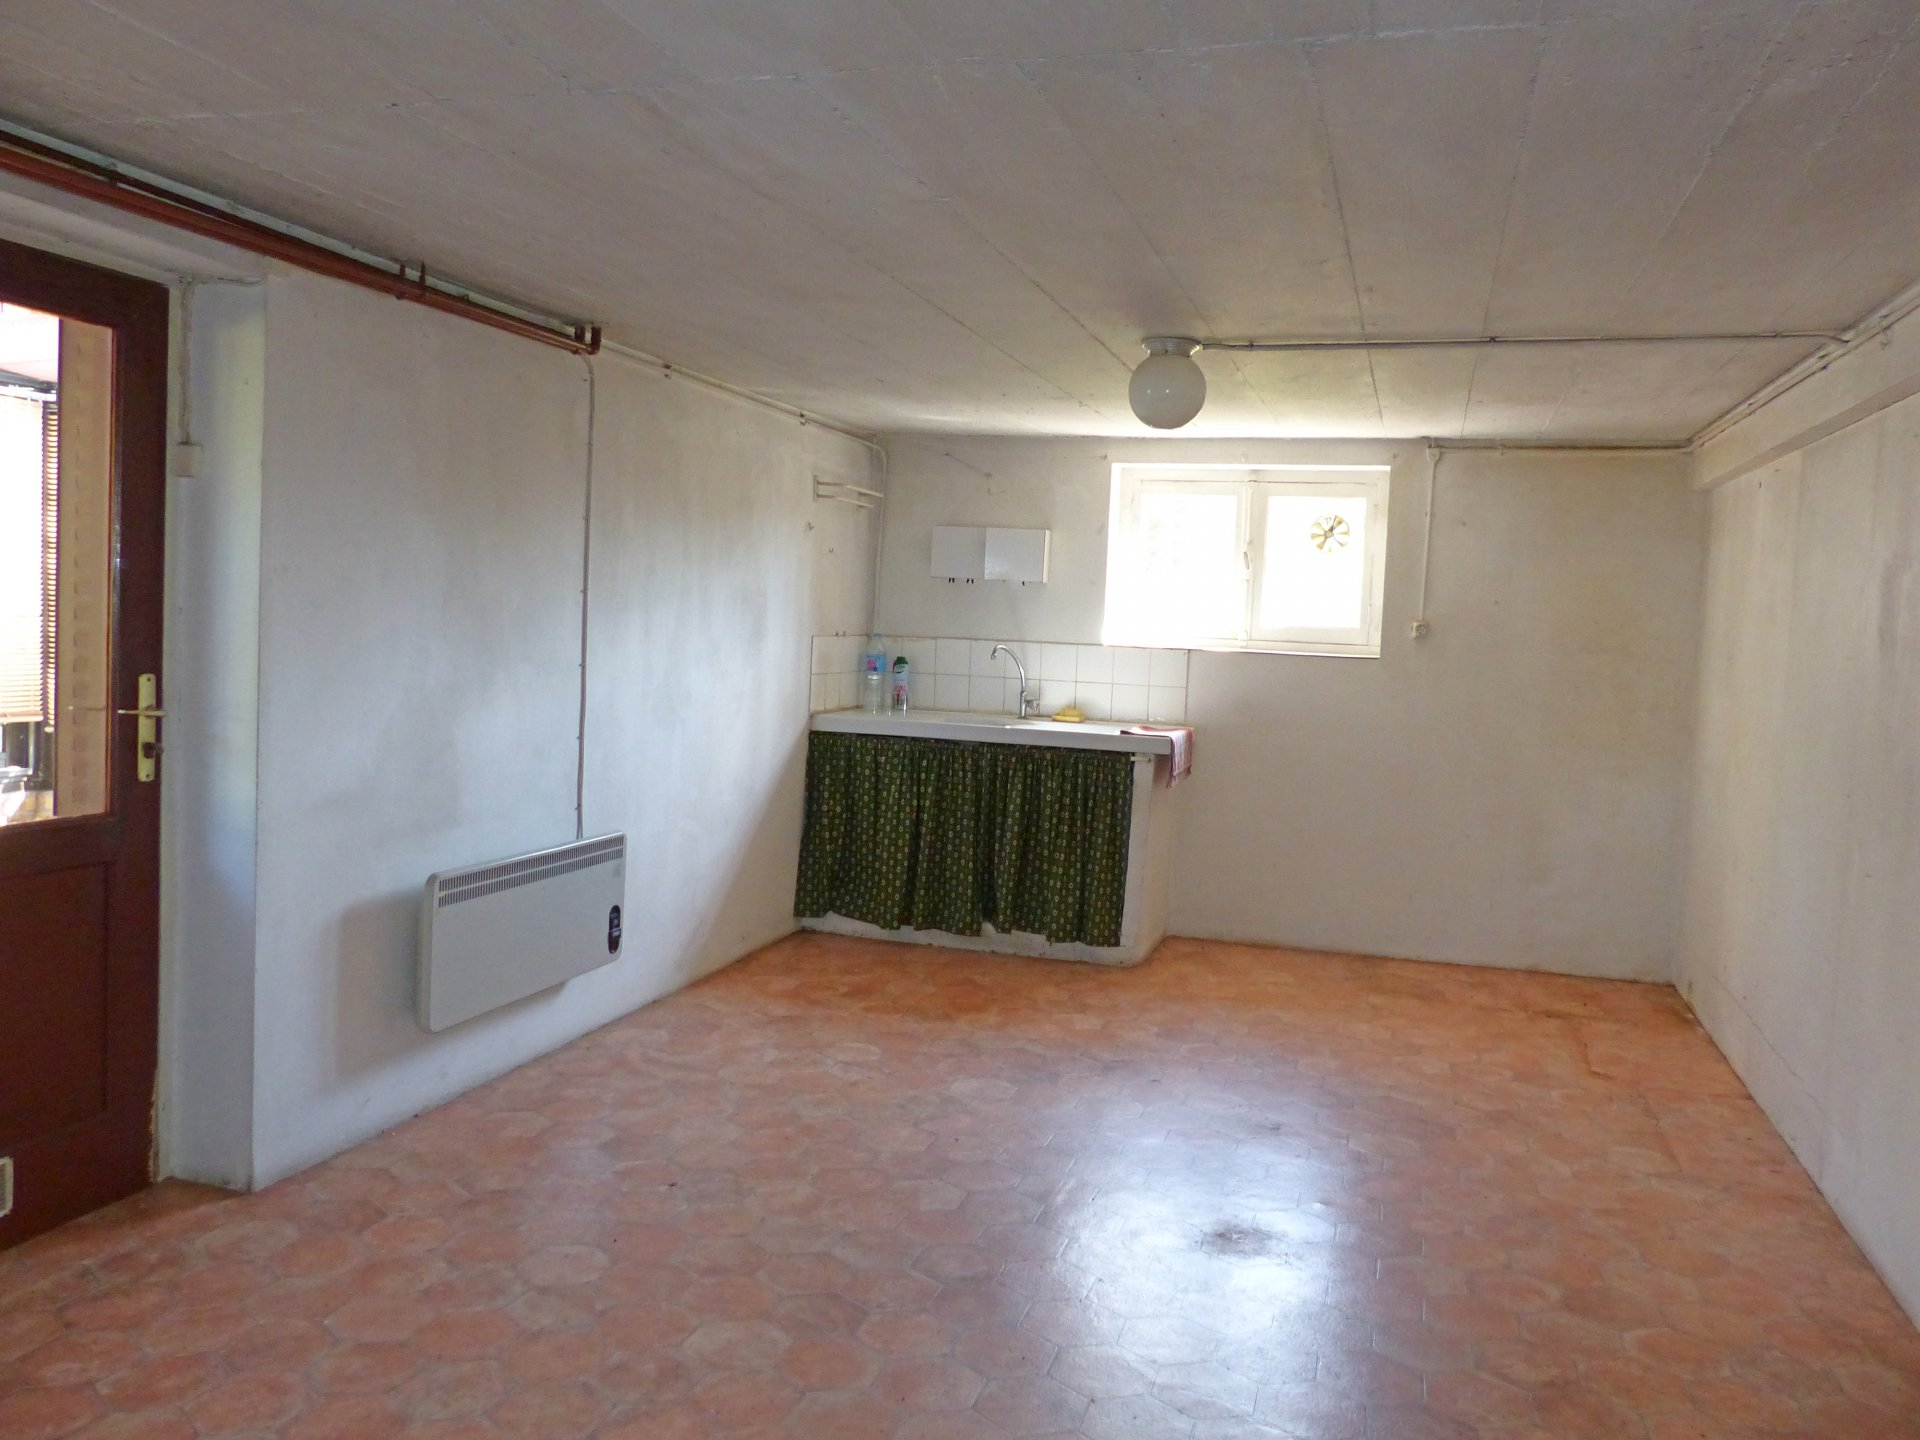 SOUS COMPROMIS DE VENTE - Située dans un quartier résidentiel de Mâcon/Flacé, cette maison saura vous séduire par son joli potentiel. L'étage se compose d'une lumineuse pièce de vie, cuisine indépendante, un dégagement qui dessert deux chambres, un grand bureau ( 8 m²), une salle de bains et wc. De plain pied, vous trouverez une buanderie, une spacieuse cuisine d'été avec sa véranda, un garage ainsi qu'une cave. Les menuiseries ainsi que la chaudière sont récentes. Rafraîchissements à prévoir. Le tout est implanté sur un joli terrain clos et arboré de 600 m².